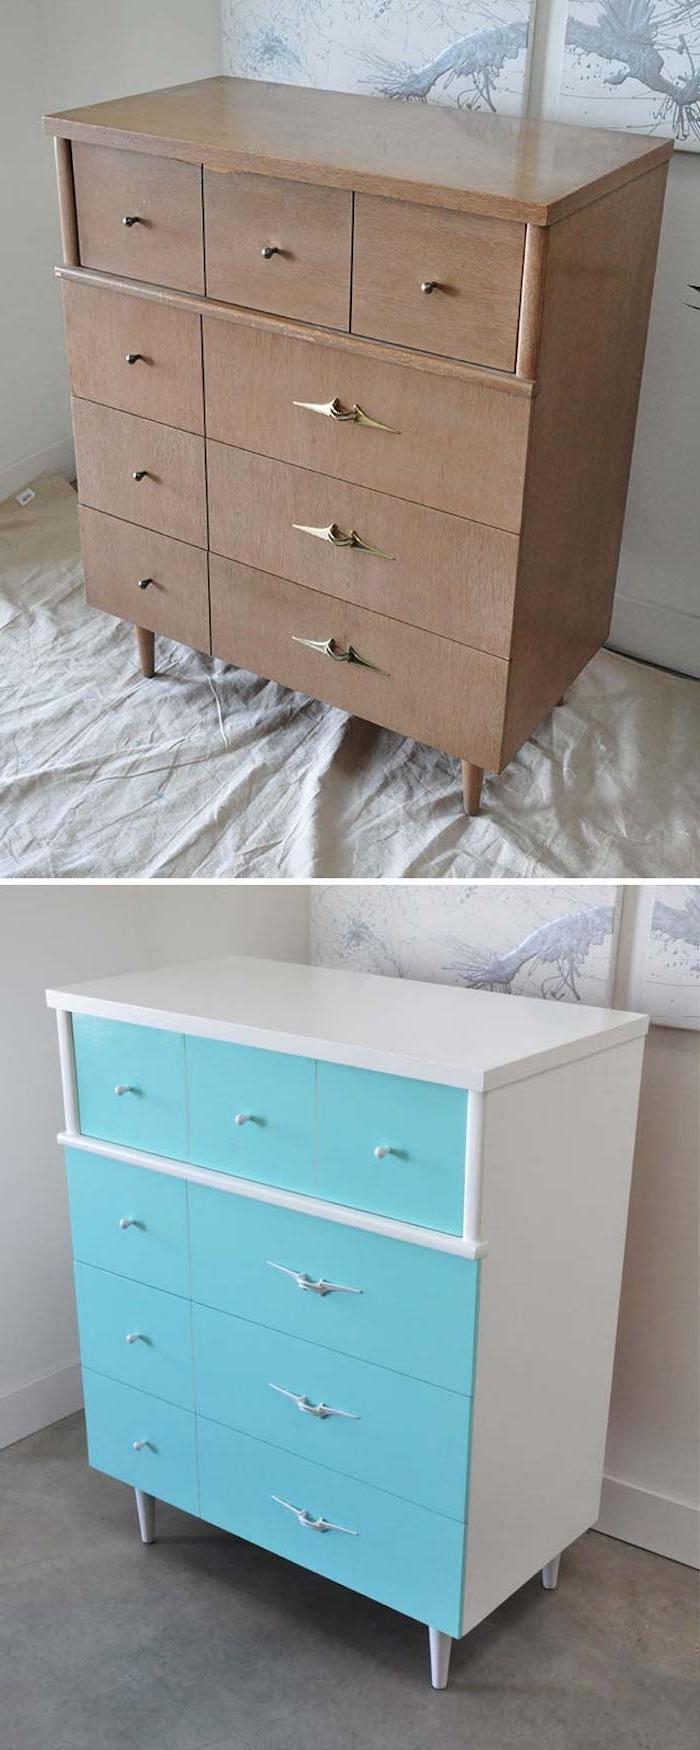 meuble relooké avan apres, une commode en bois repeint en blanc et façade bleue avec des poignées vintage